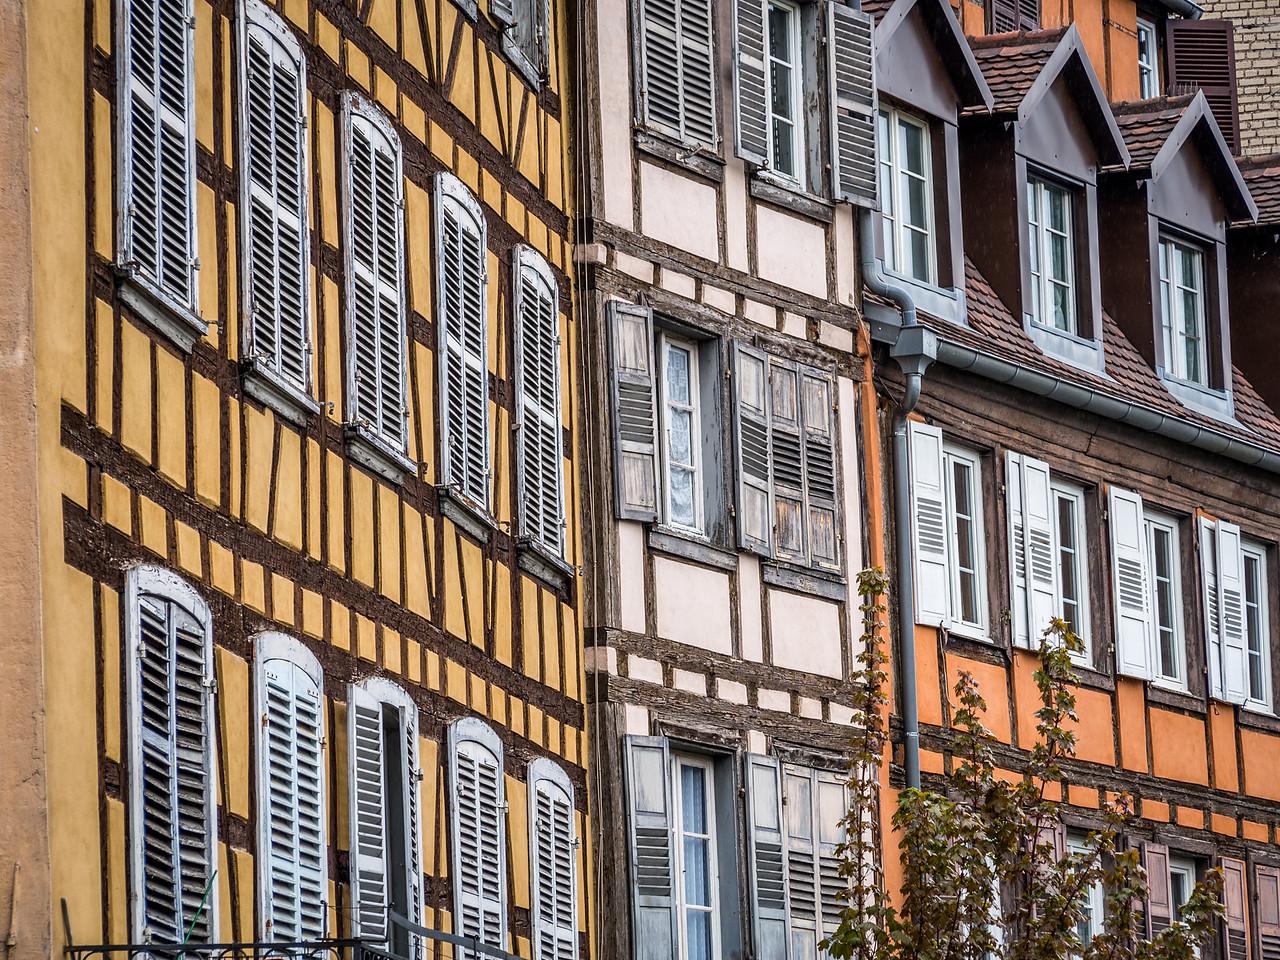 Fachwerk Façades, Strasbourg